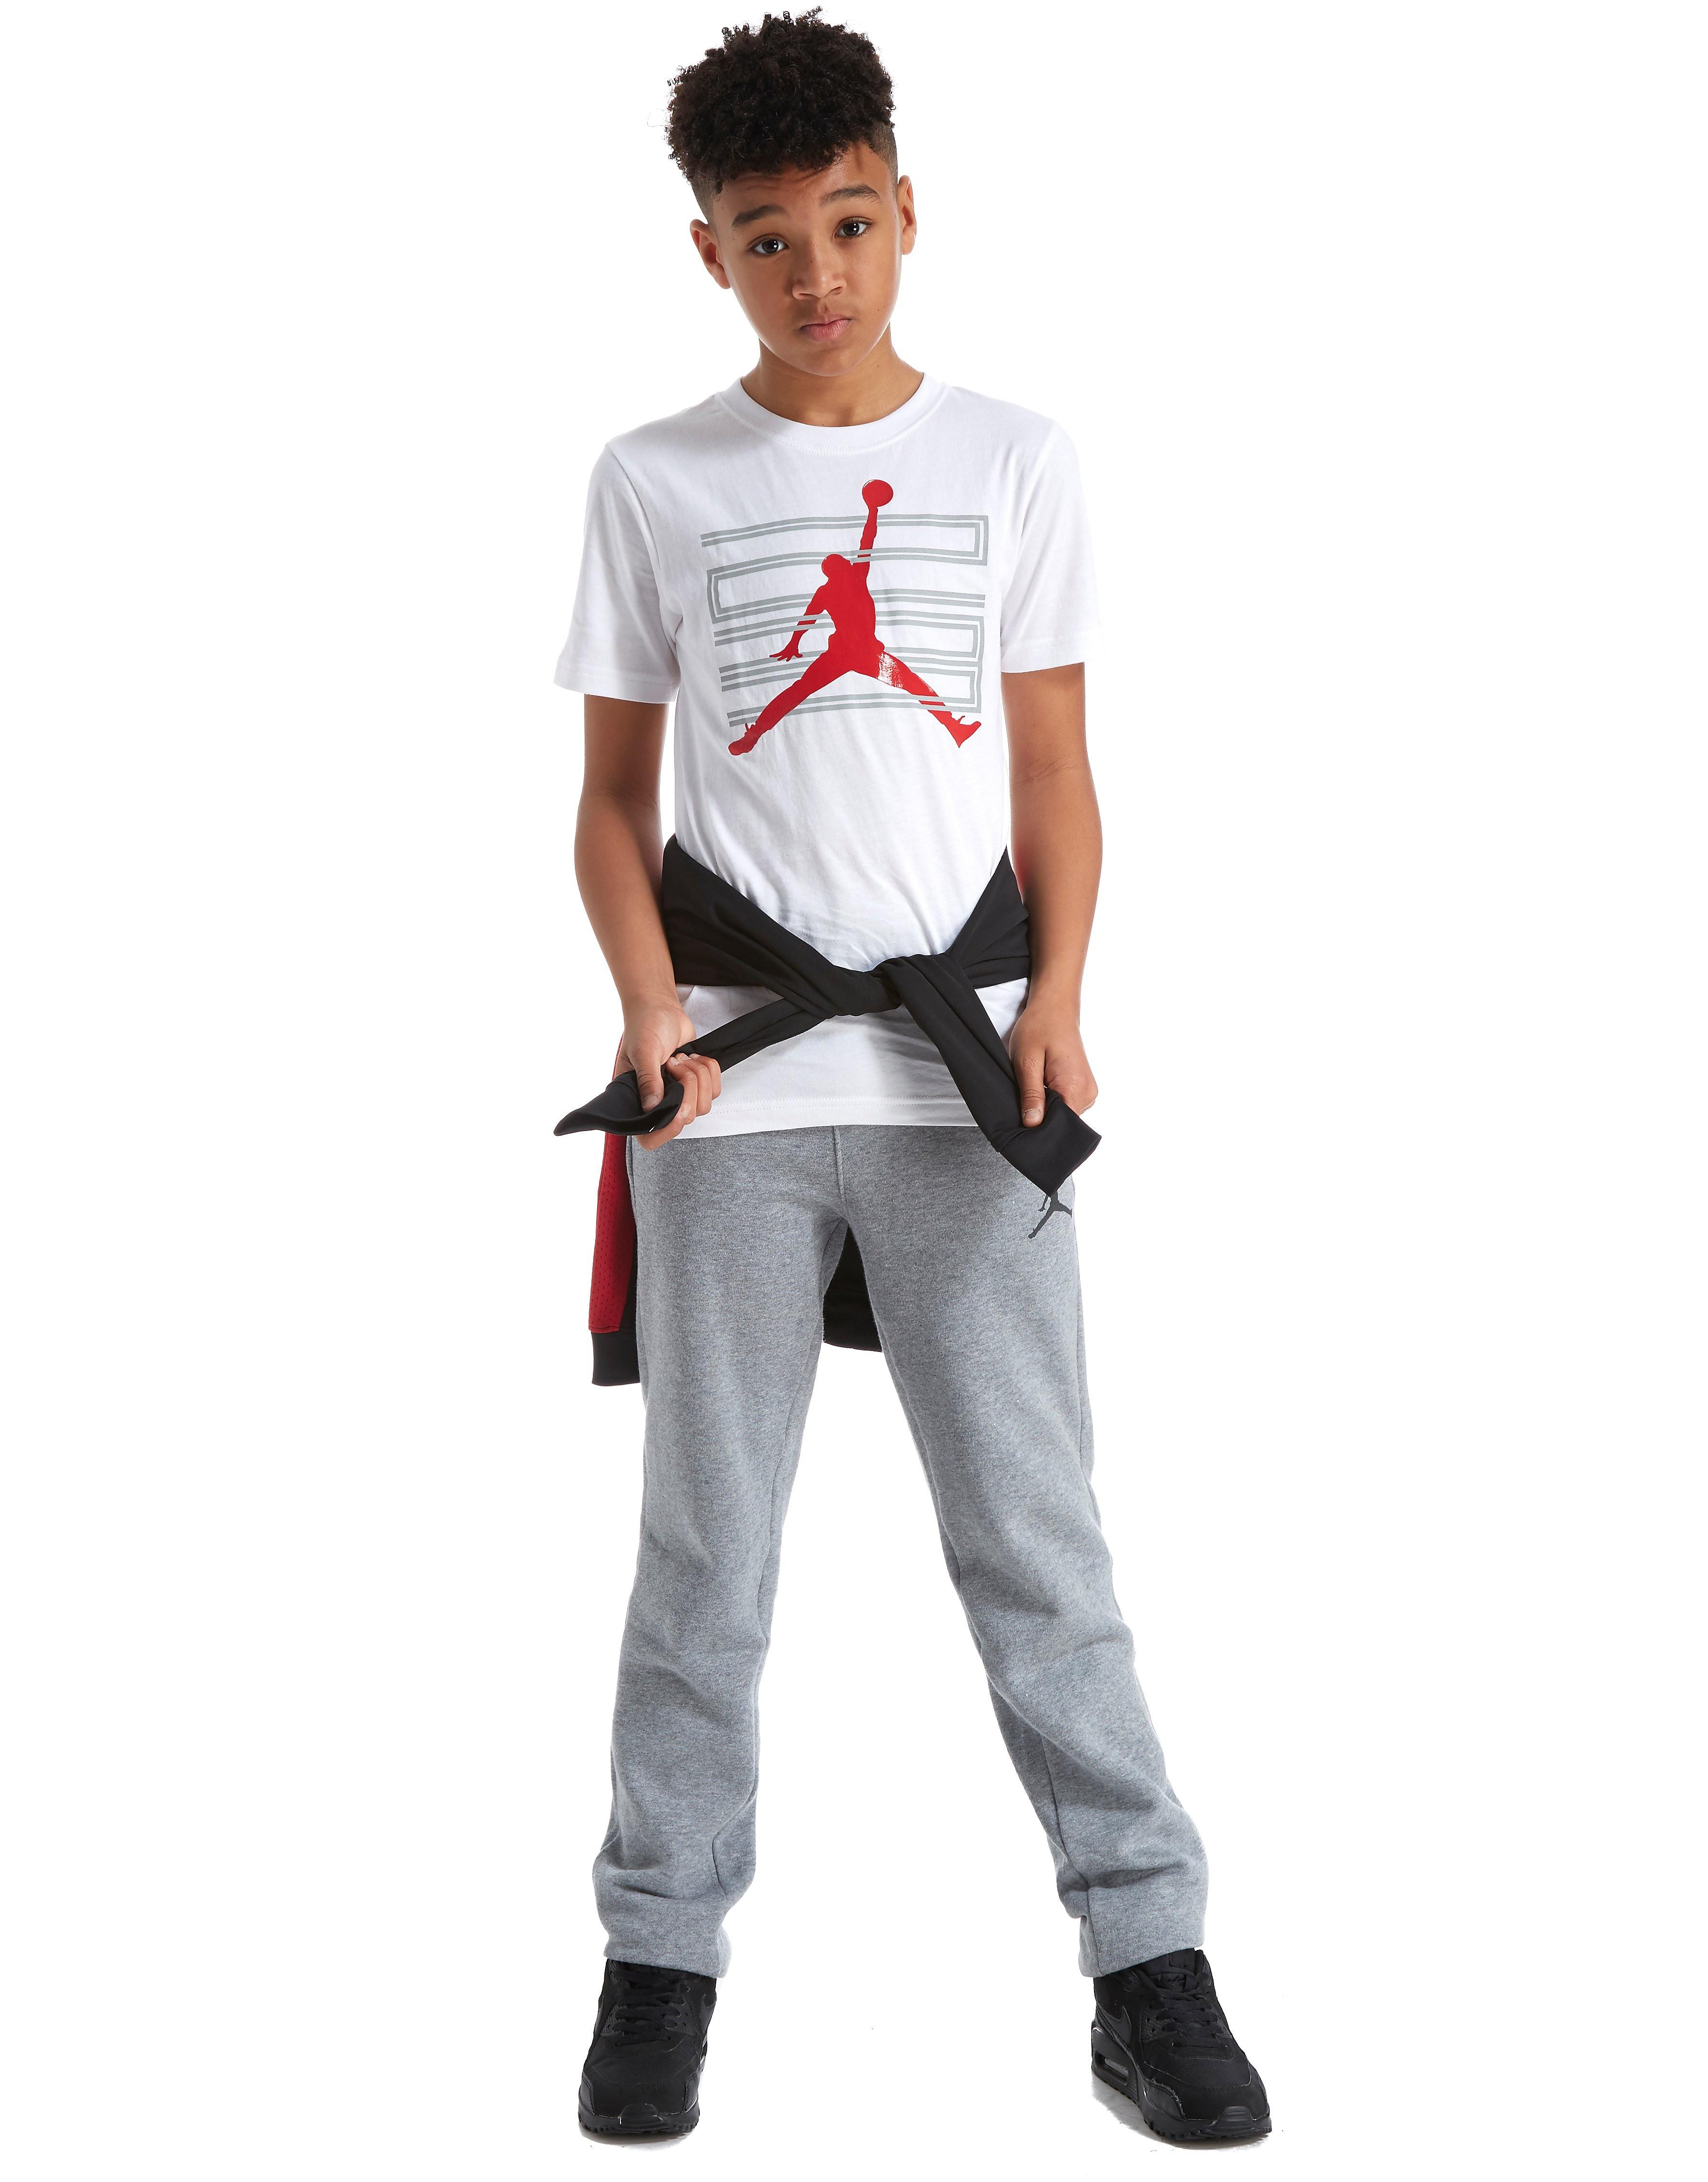 Jordan Air 11 T-Shirt Junior